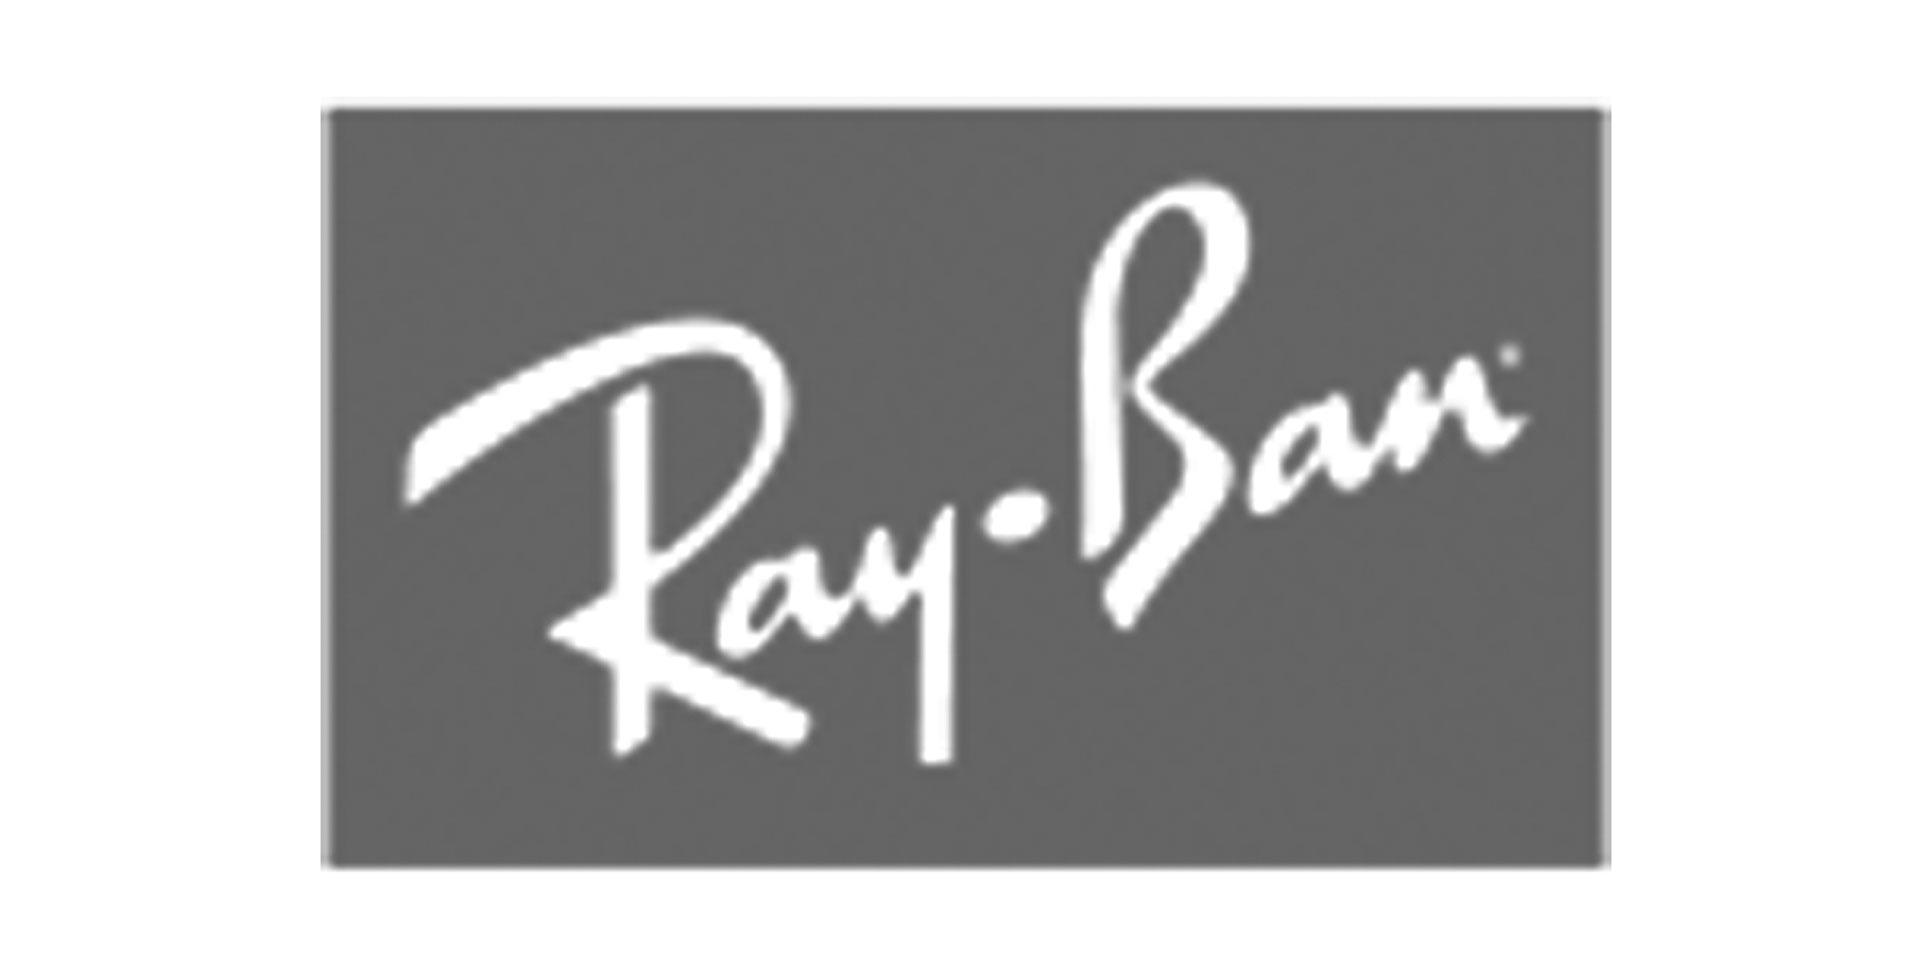 ray ban predator metal oval